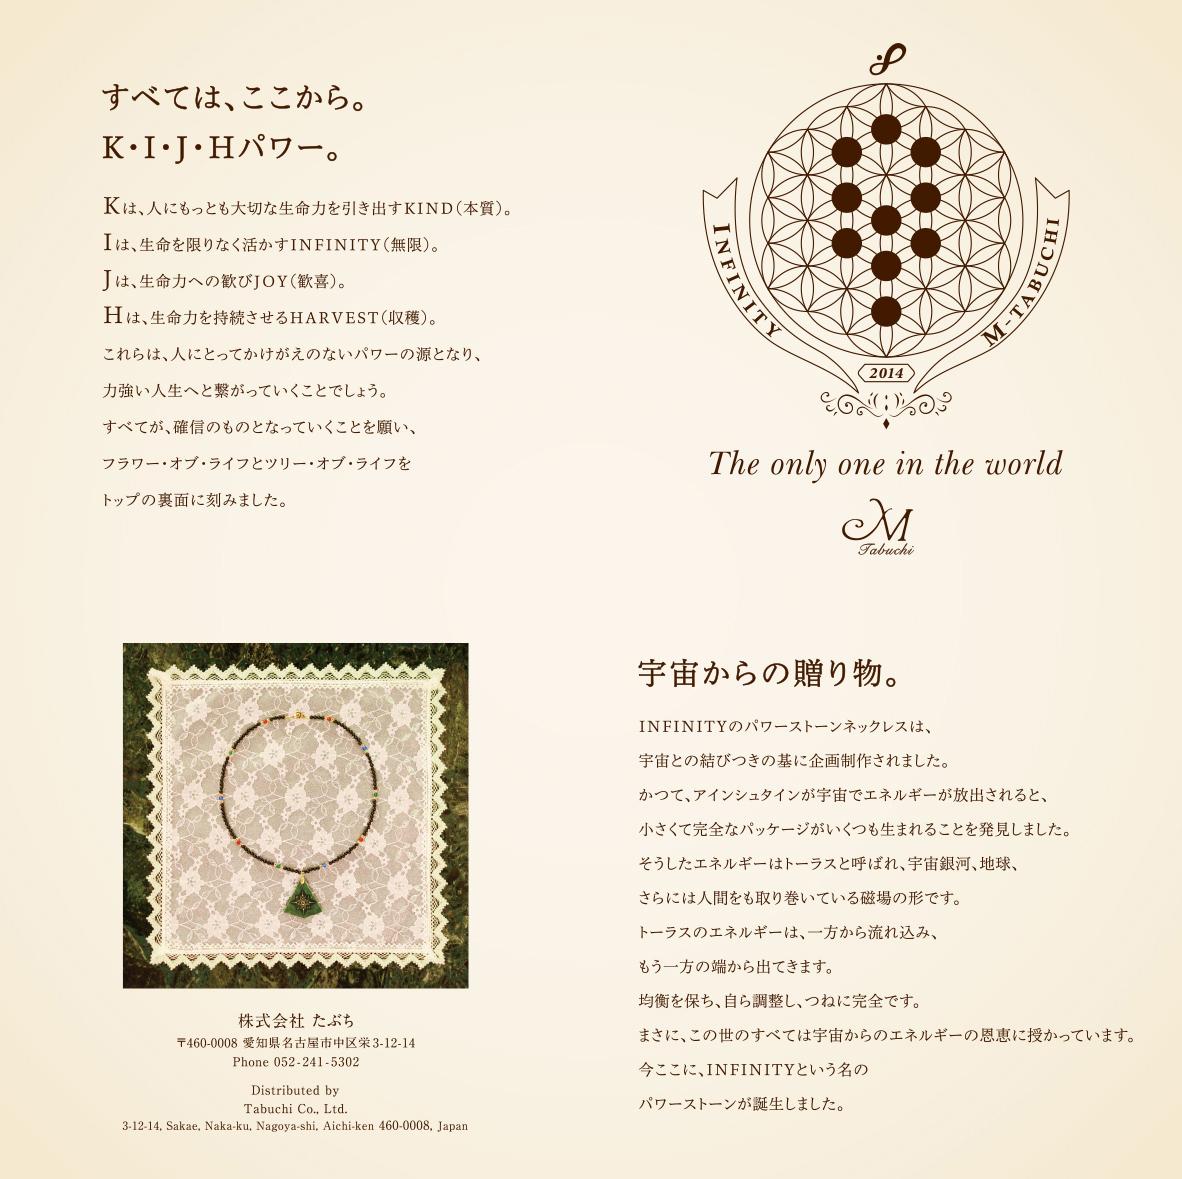 羽生结弦  YUZURU HANYU 花样滑冰 金牌得主 钻石吊坠  INFINITY项链,规划和生产的基础上对宇宙的关系。希望一切都将成为一个自信,雕塑 Tree of Life  Flower of Life